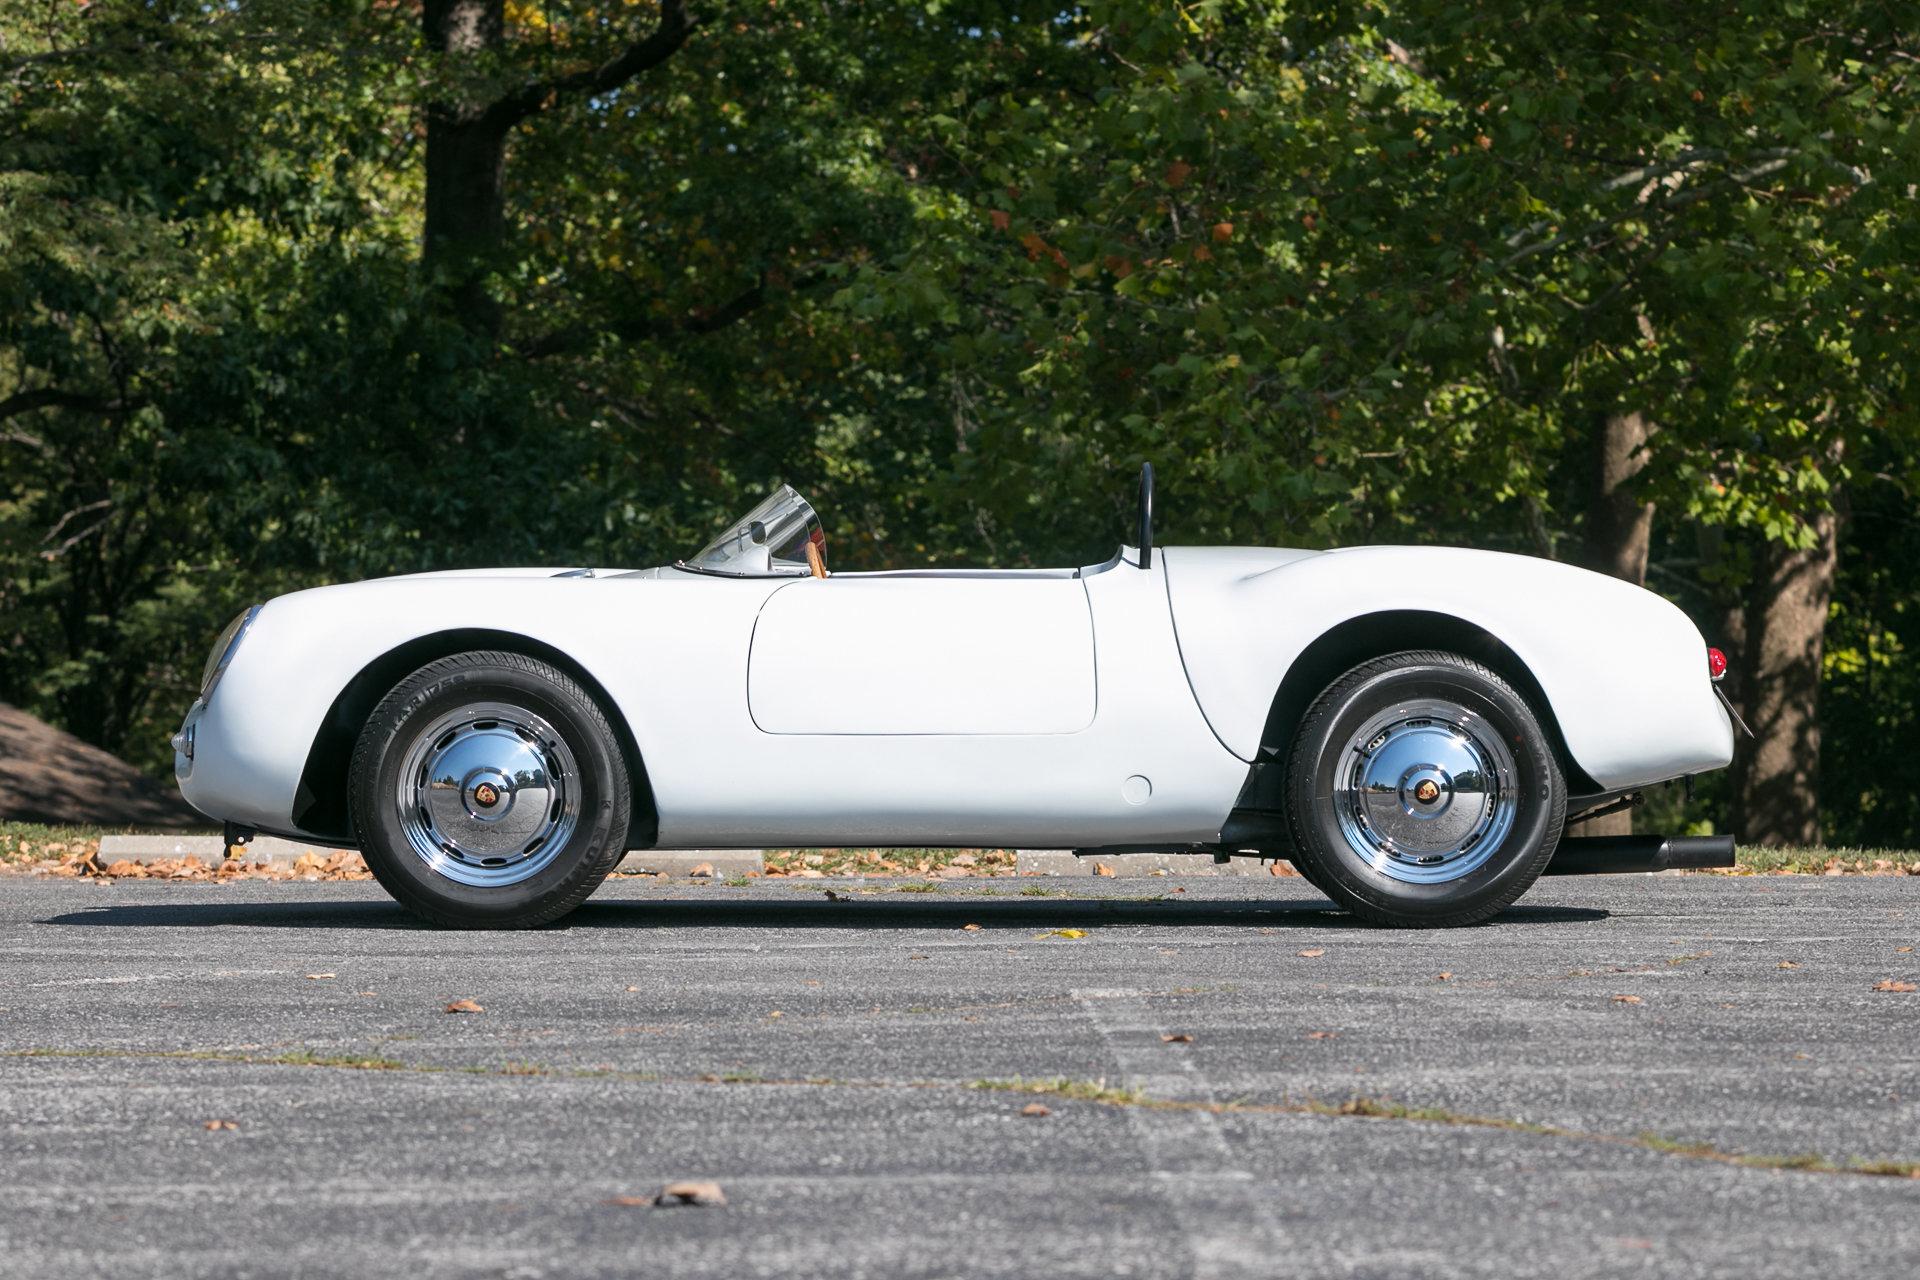 1955 Porsche 550 Spyder Replica For Sale 64320 Mcg